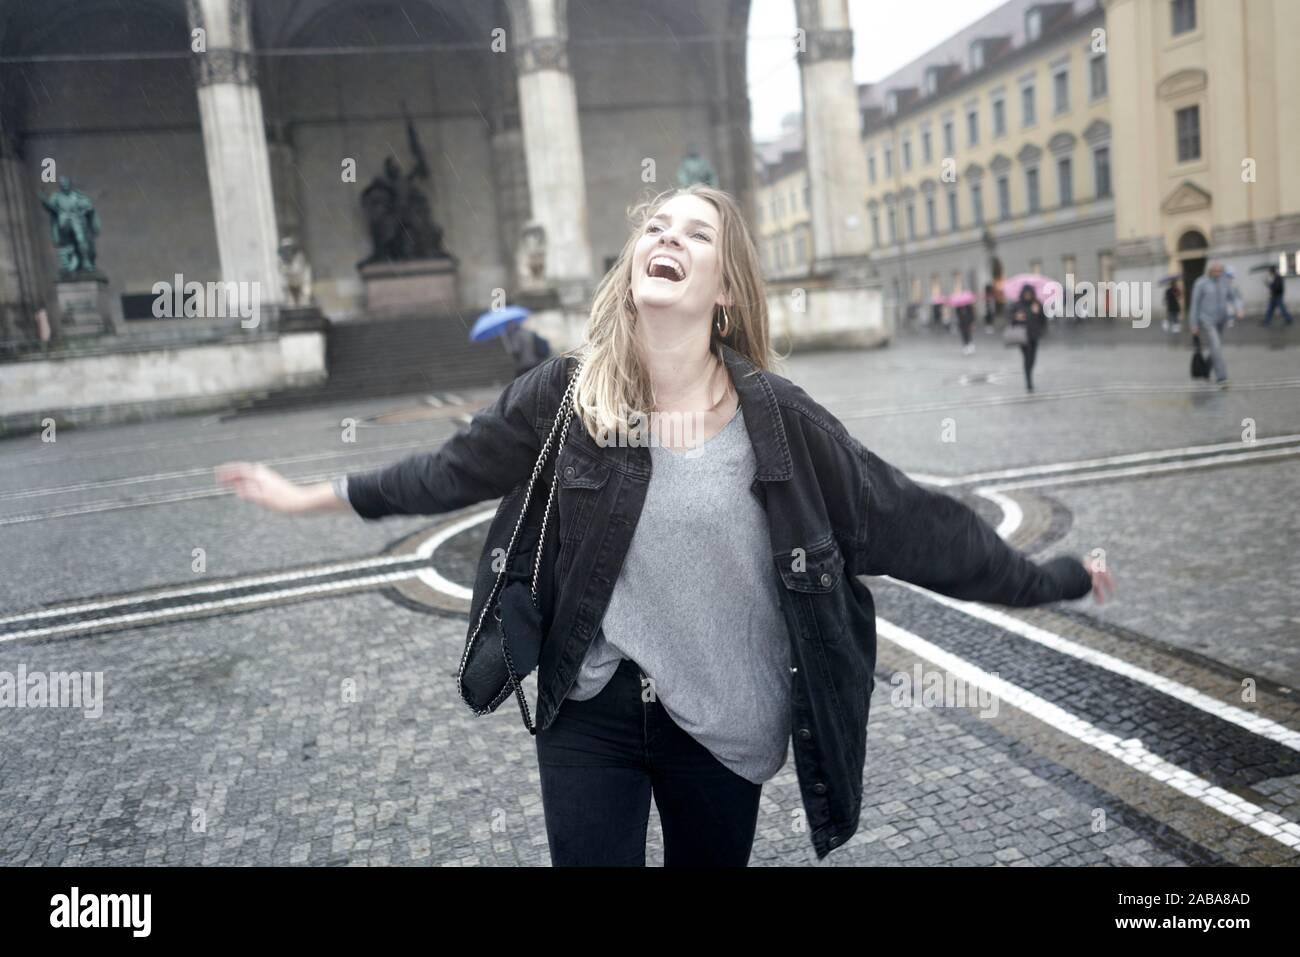 Femme exubérante à Odeonsplatz à Munich, Allemagne. Banque D'Images